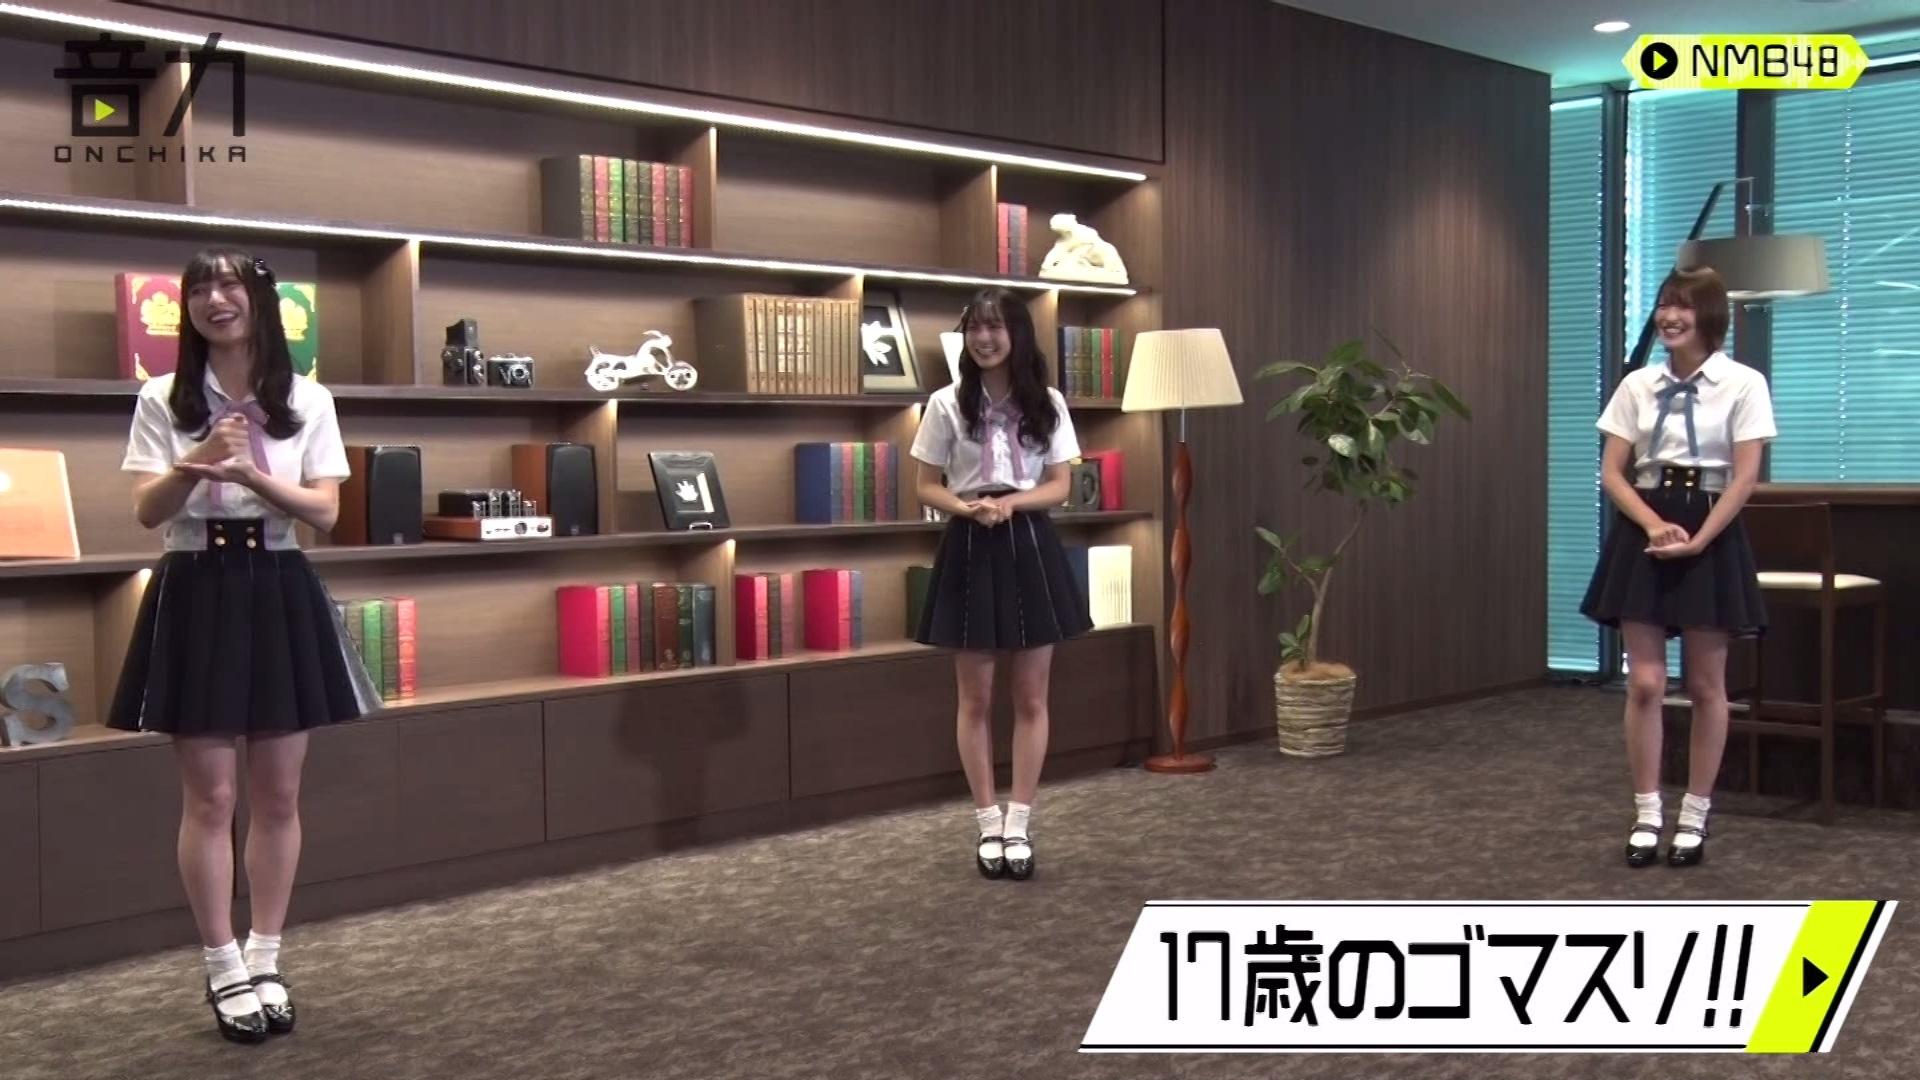 【小嶋花梨/梅山恋和/山本彩加】読売テレビで9月3日に放送された『音力-ONCHIKA』の実況と画像など。